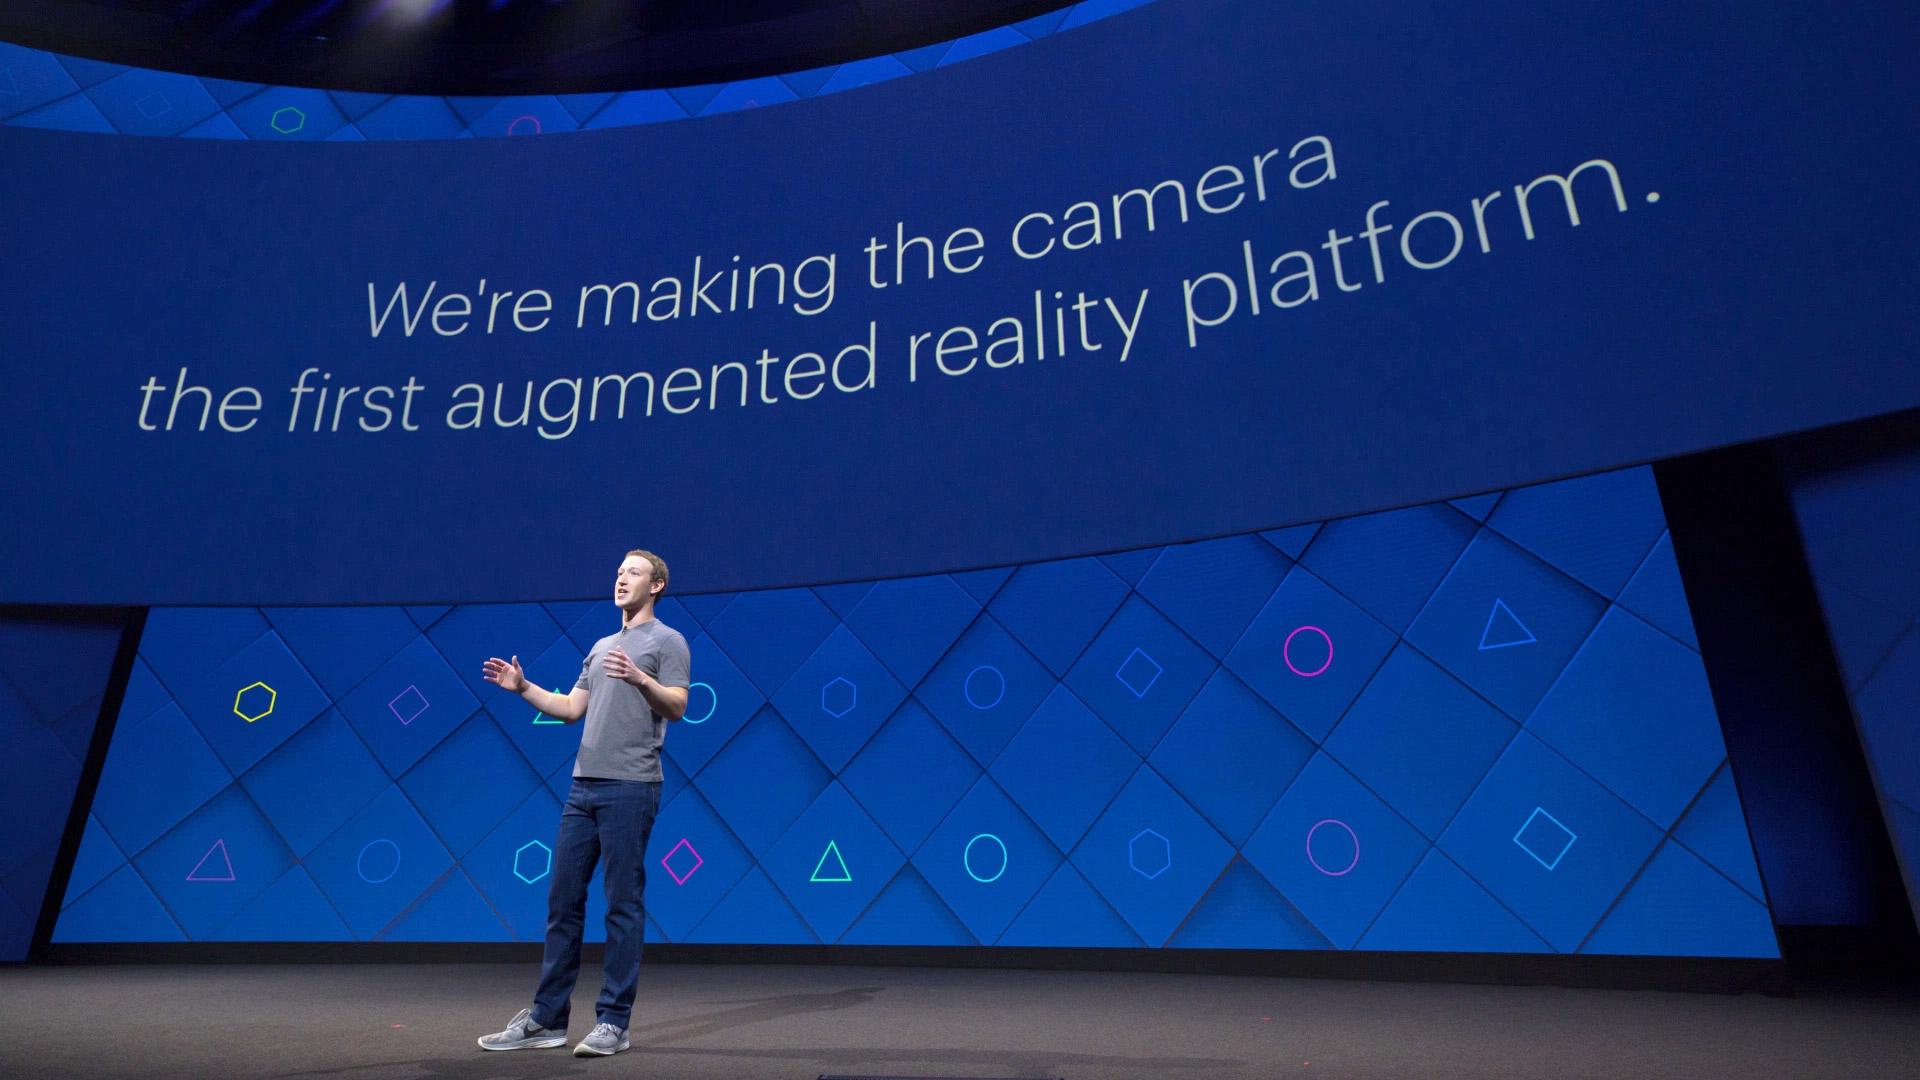 يطلق فيسبوك منصة الواقع المعزز للمطورين